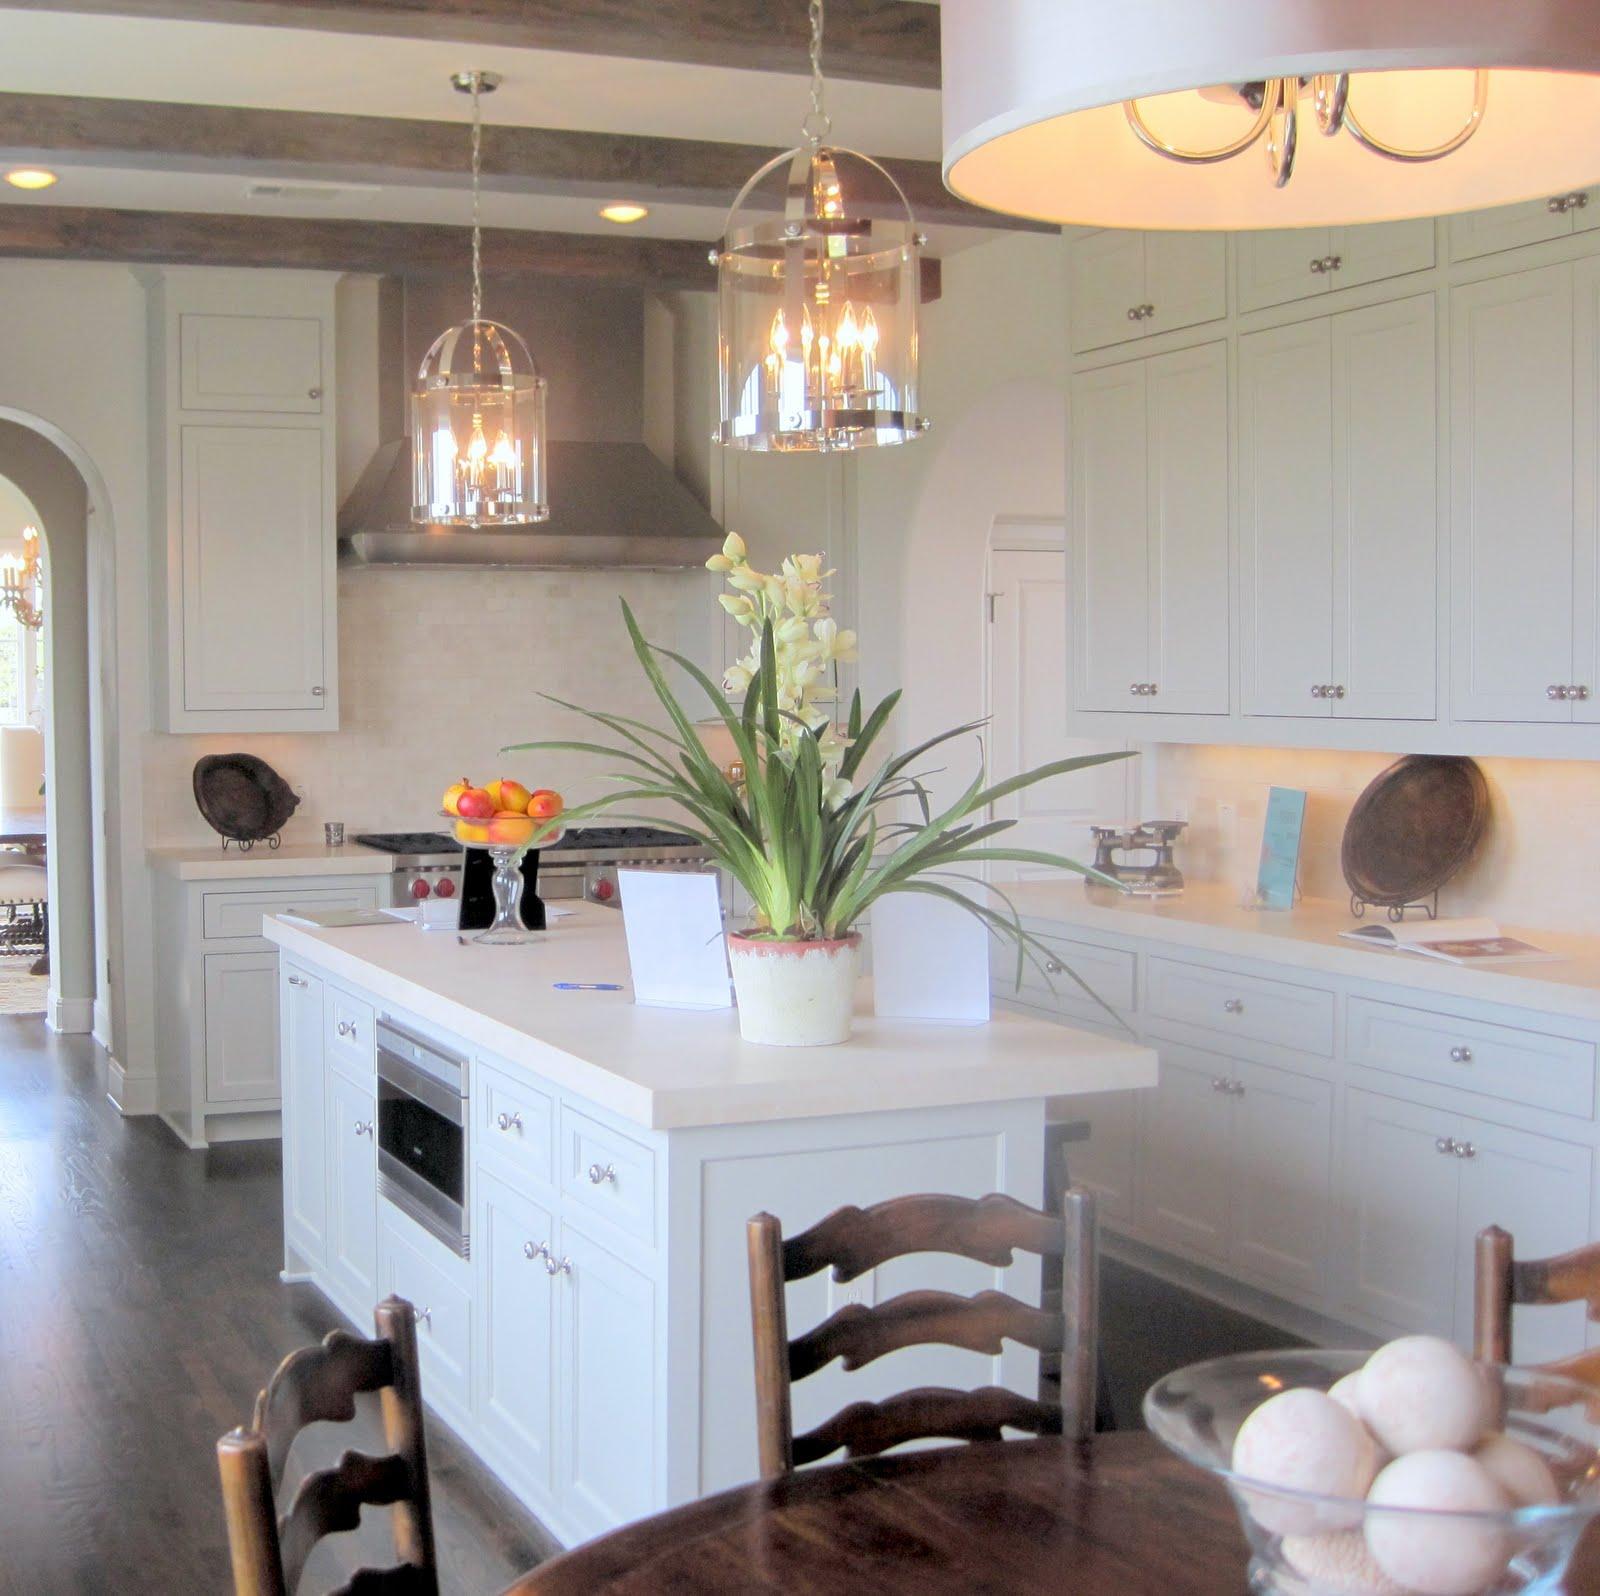 kitchen pendant light fixture kitchen pendant light fixtures Double Kitchen Pendant Light Fixture With Cabinet Set